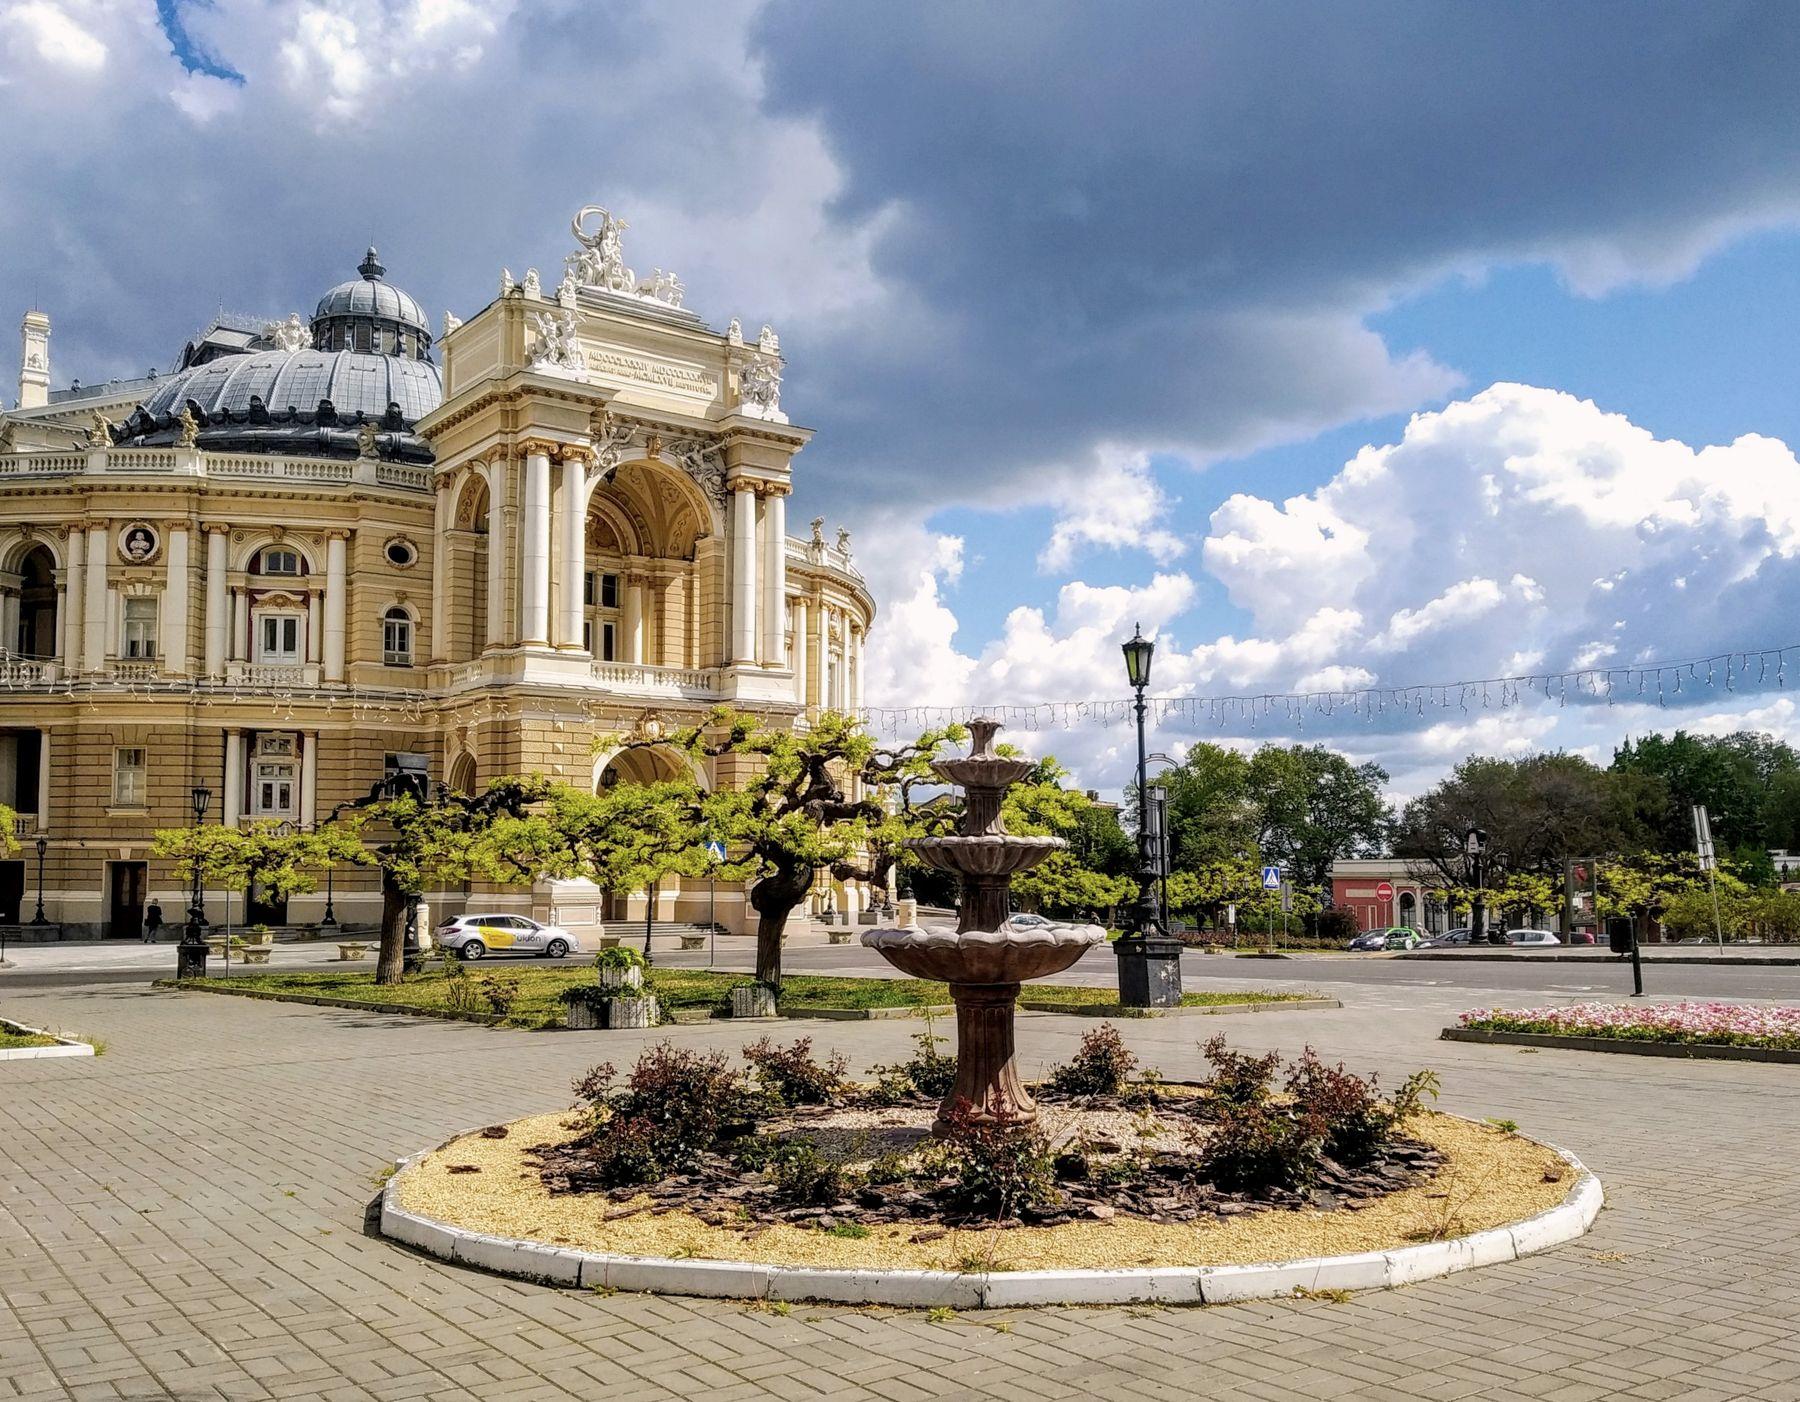 Майский день май одесса театр оперы и балета облака фонтан